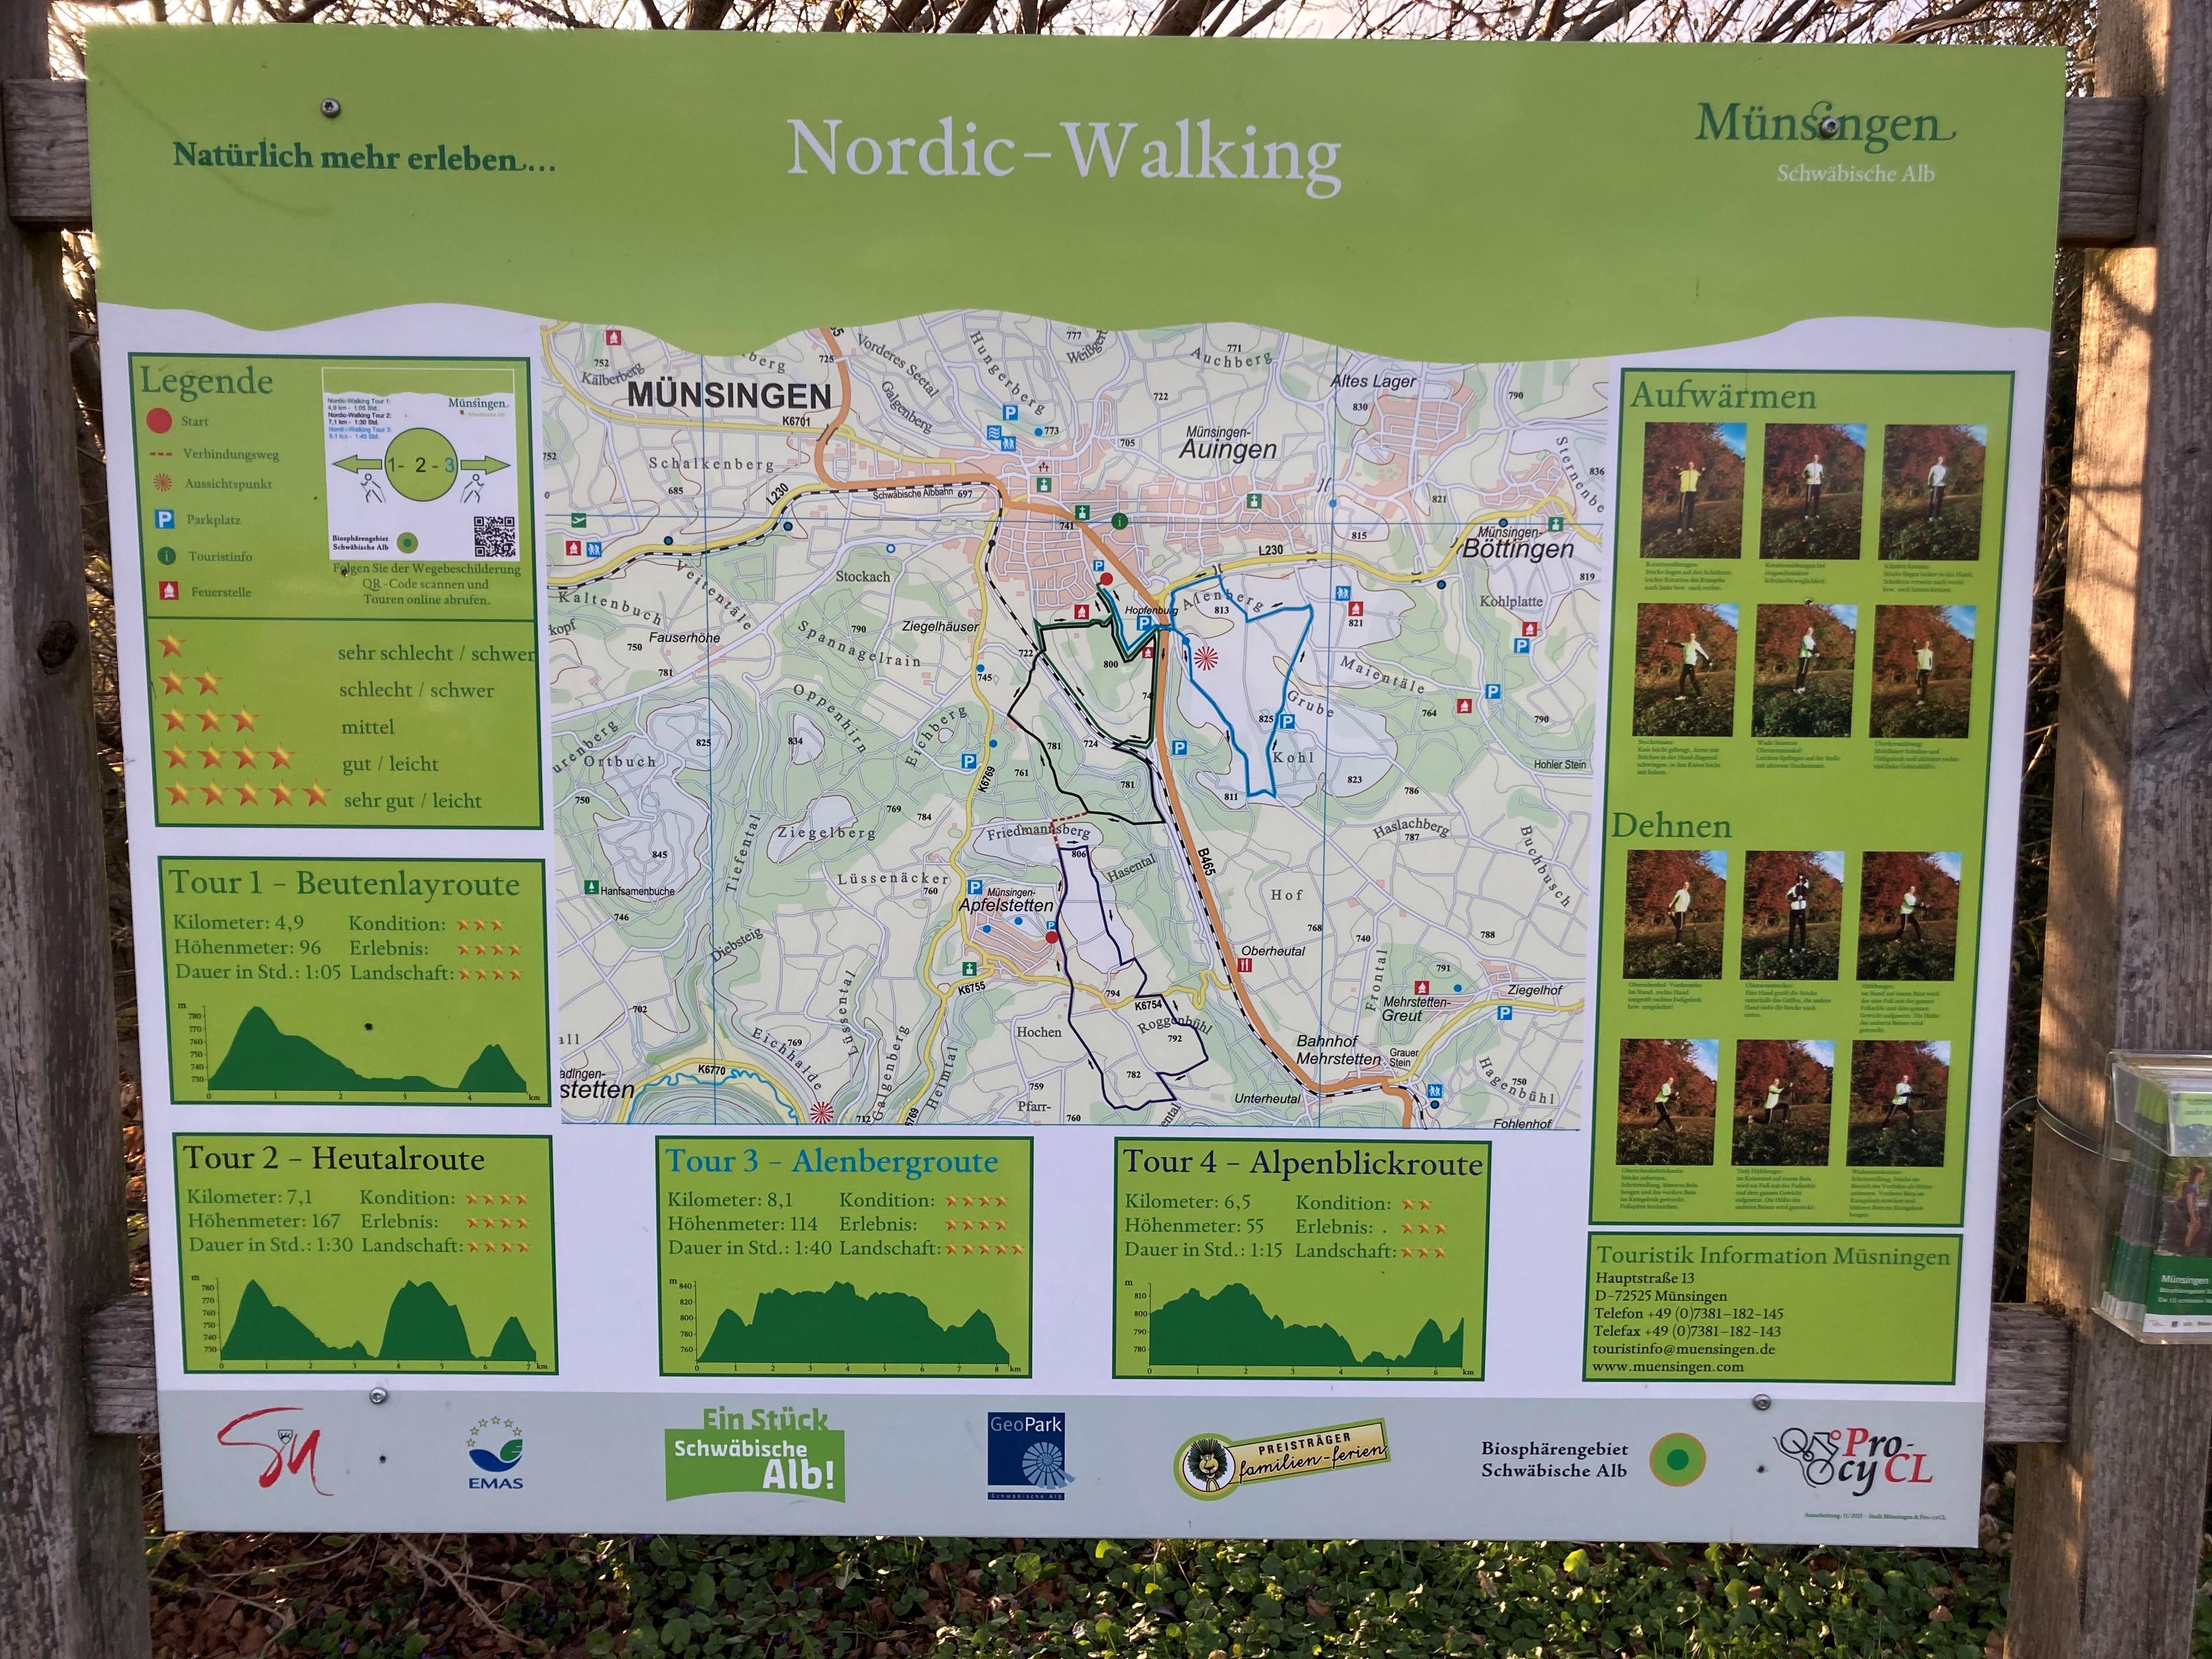 Ein grünes Schild mit der Aufschrift Nordic Walking, einer Karte, einer Legende, vier Touren und Aufwärm-Übungen.